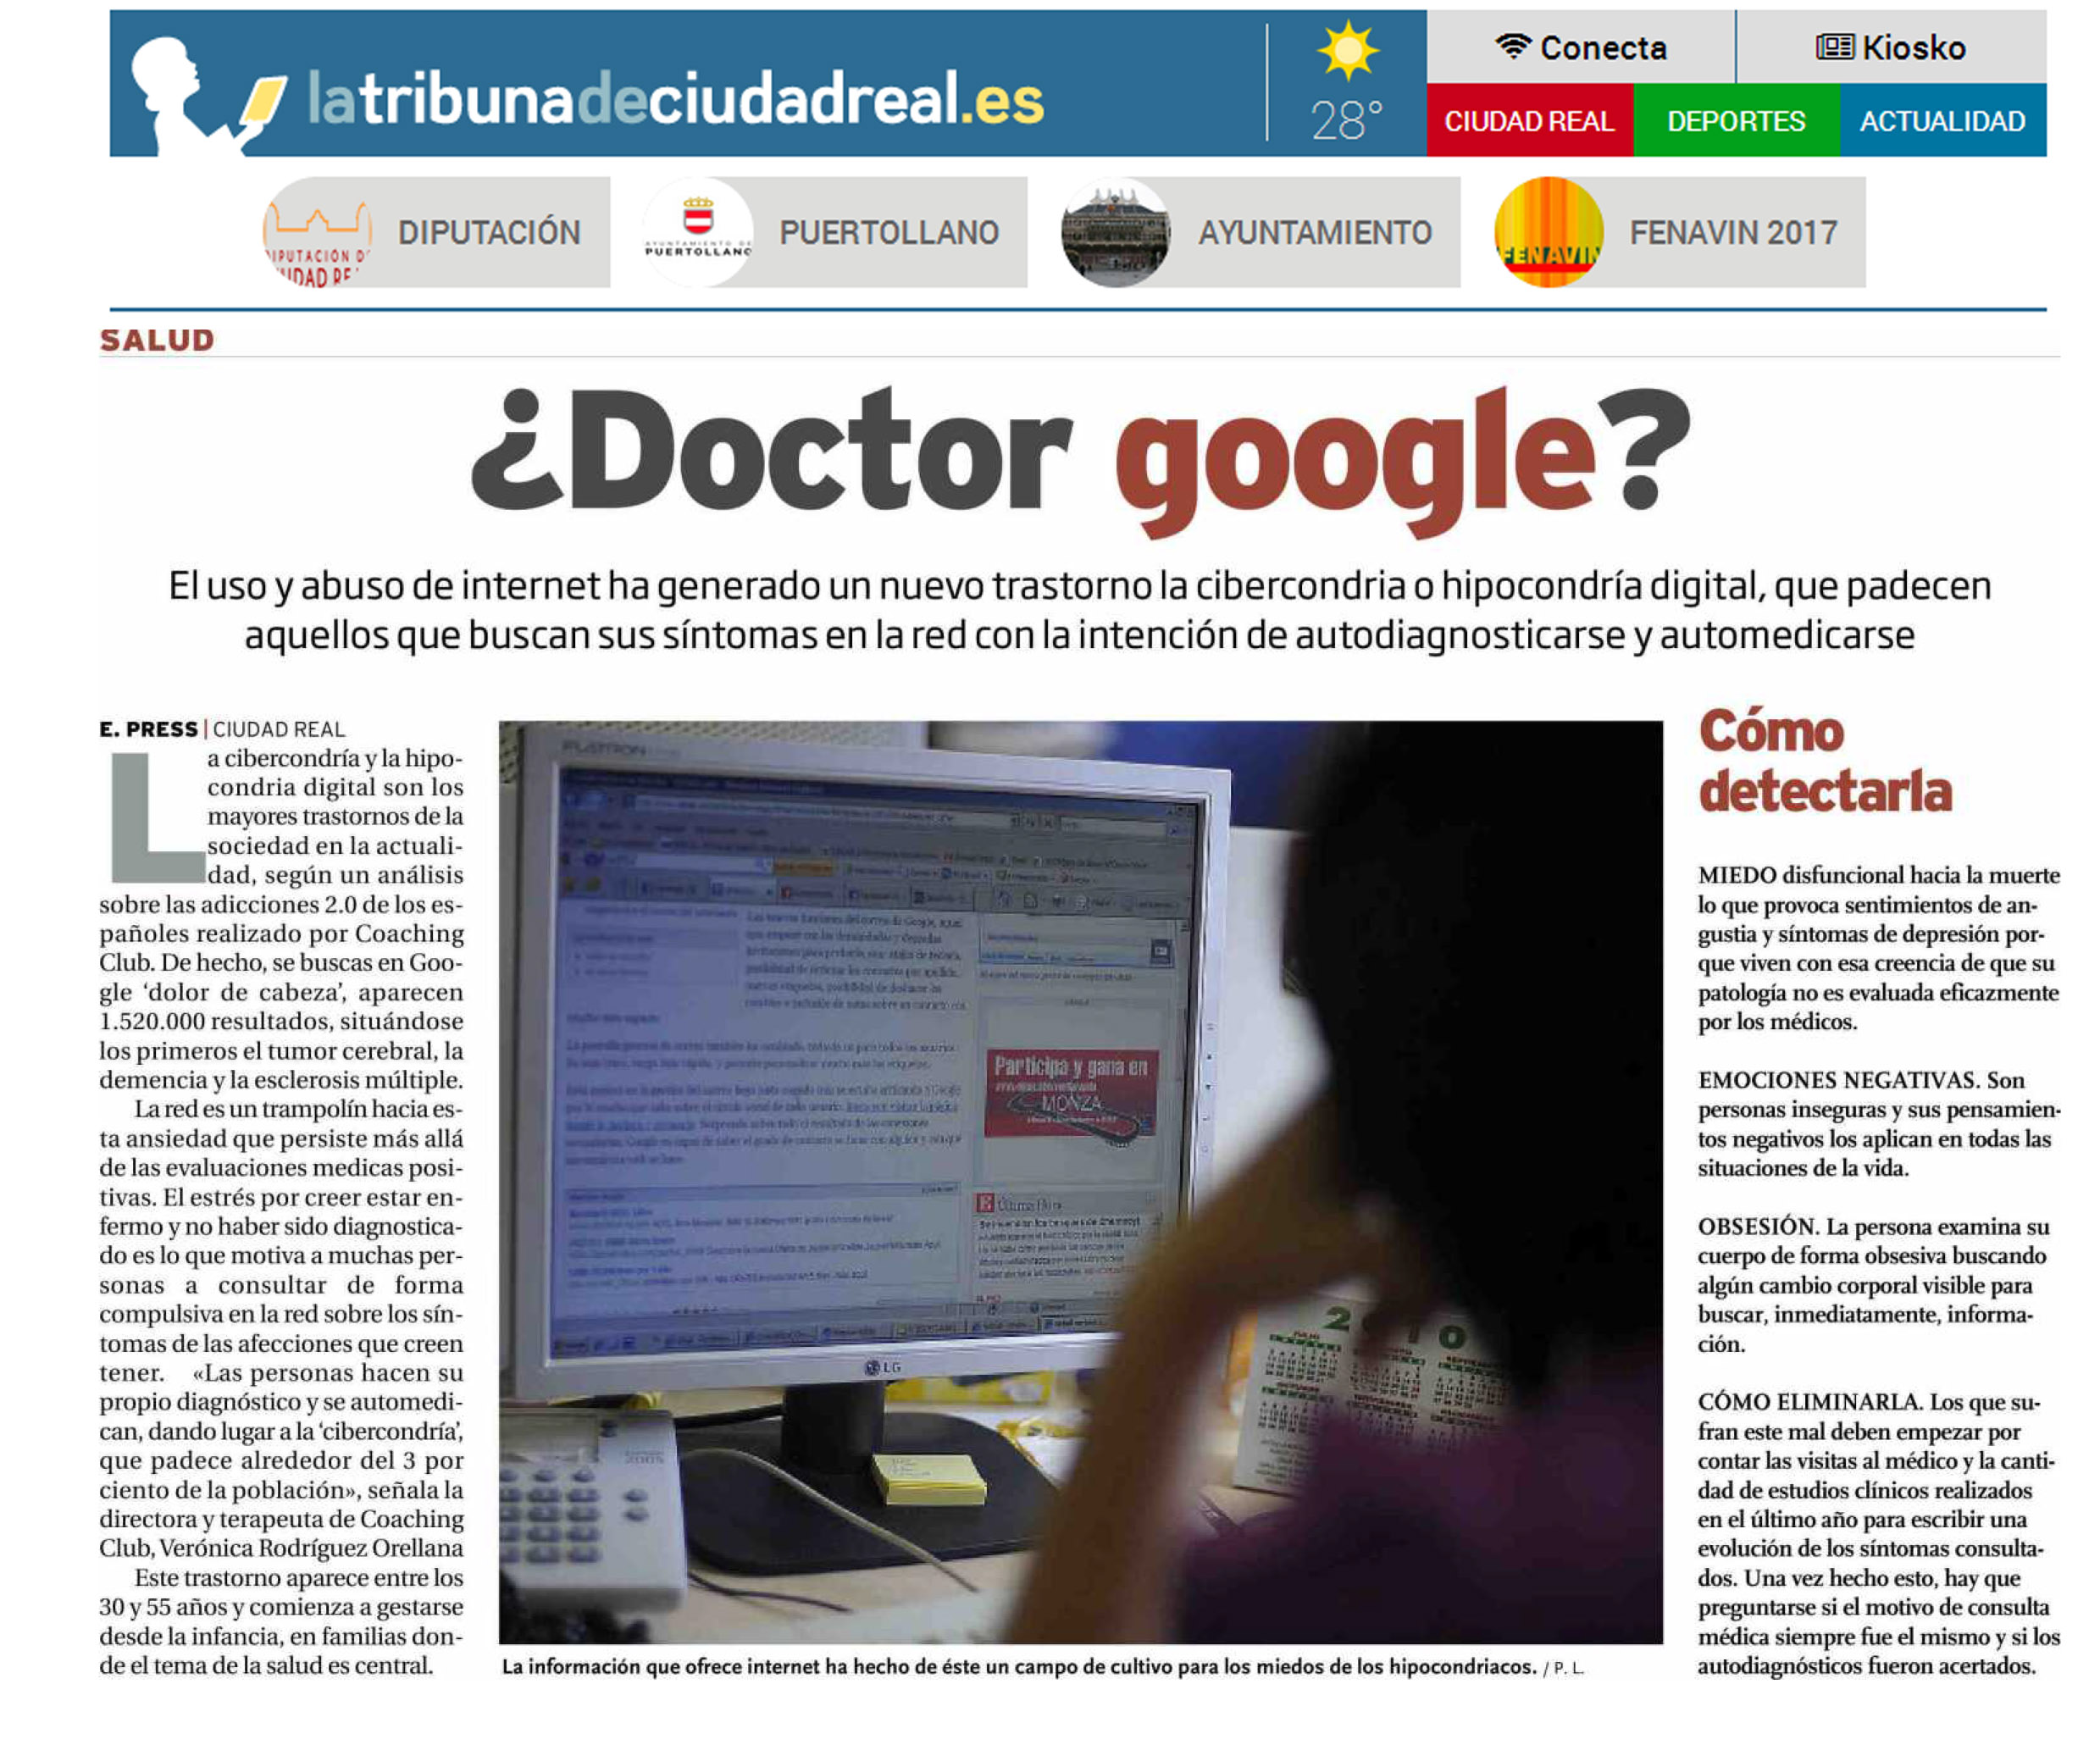 La Tribuna de Ciudad Real: ¿Doctor Google?